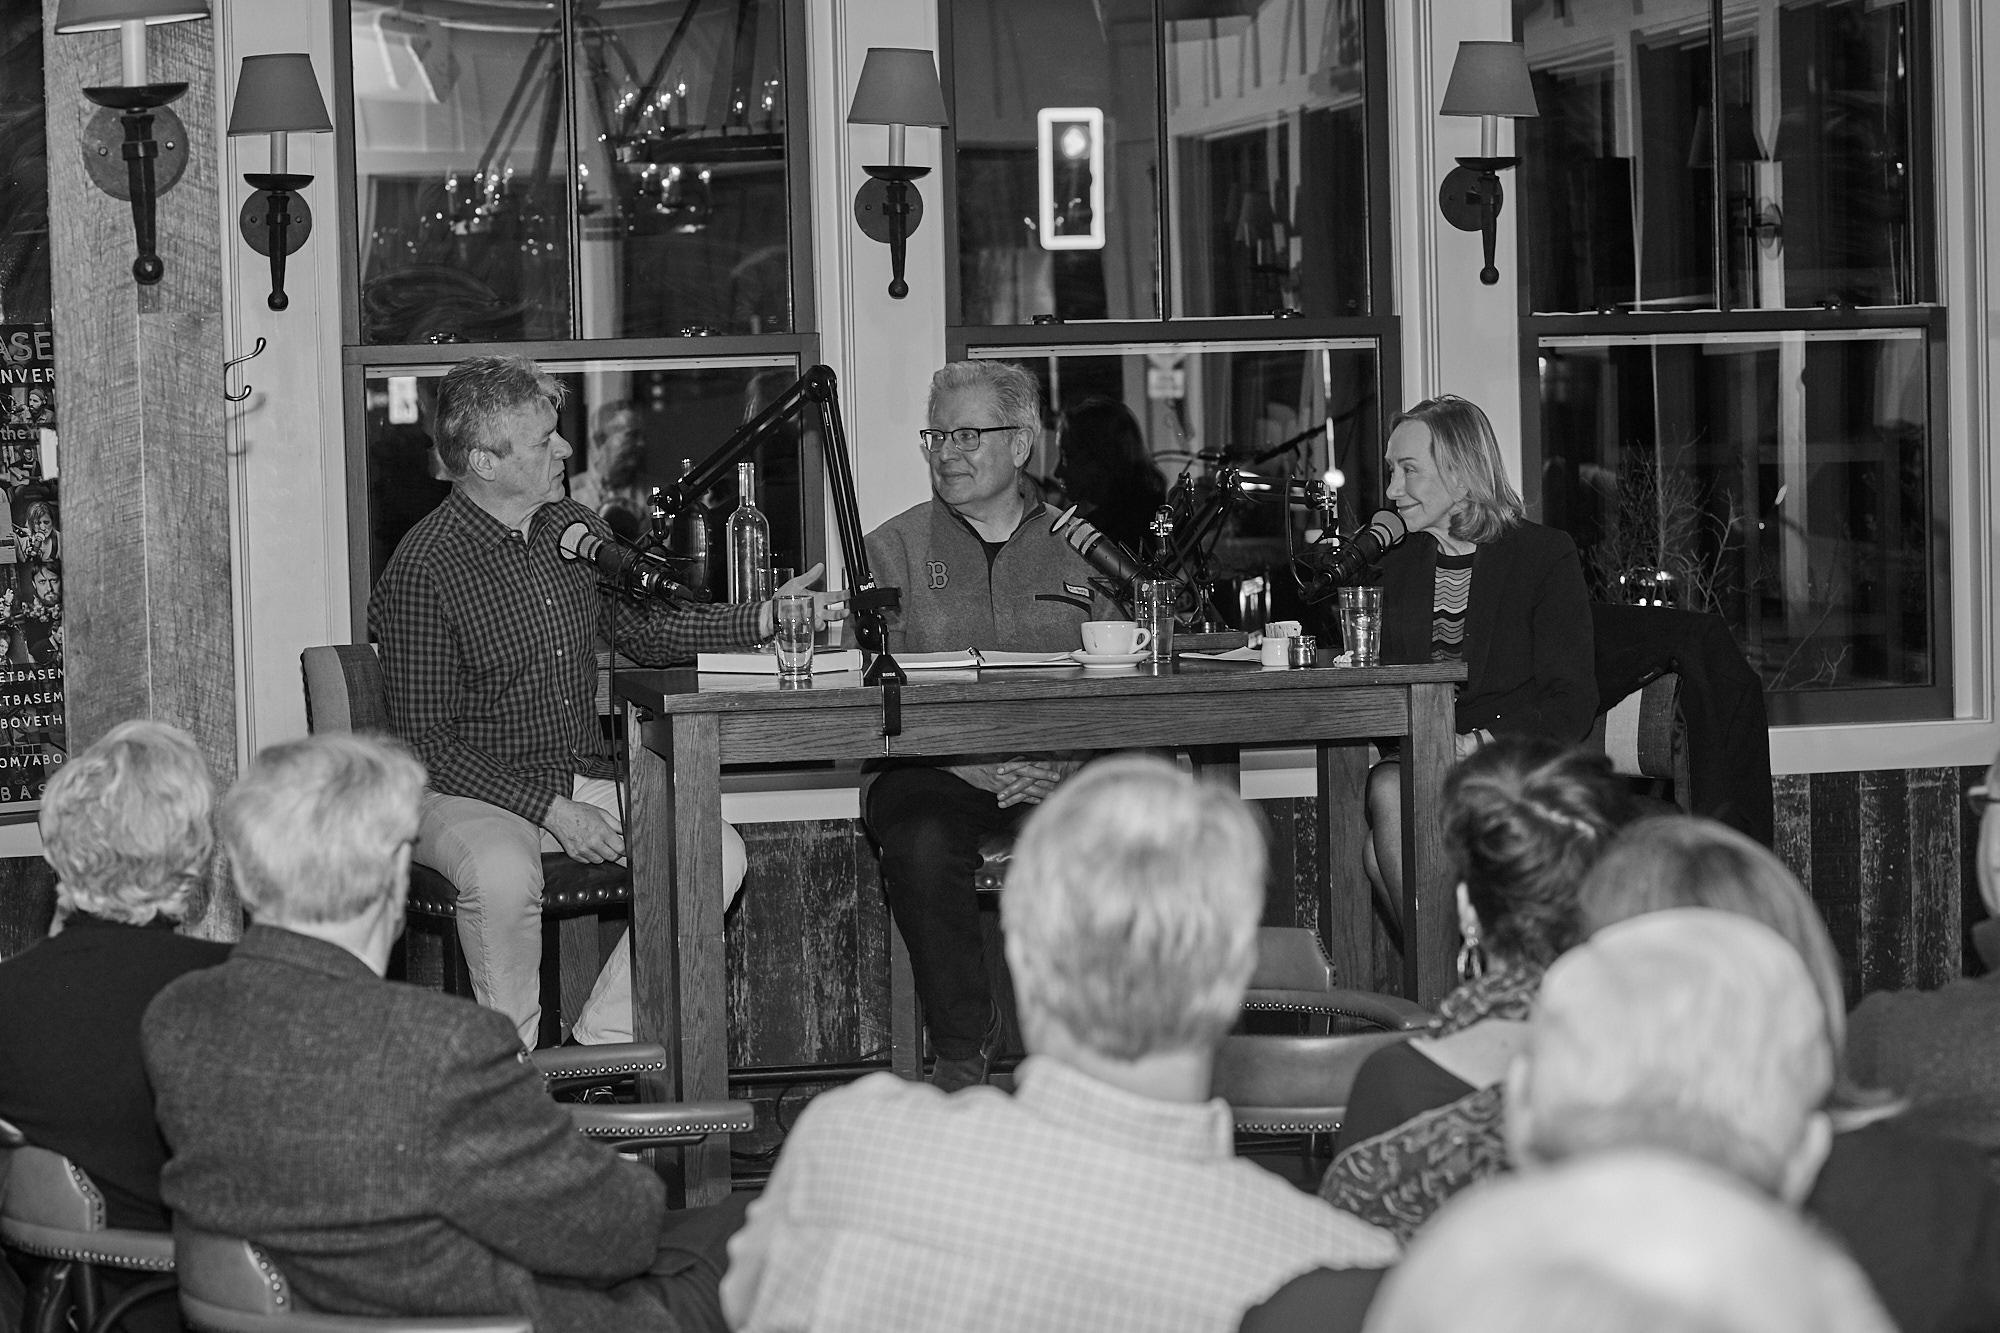 A conversation with Doris Kearns Goodwin